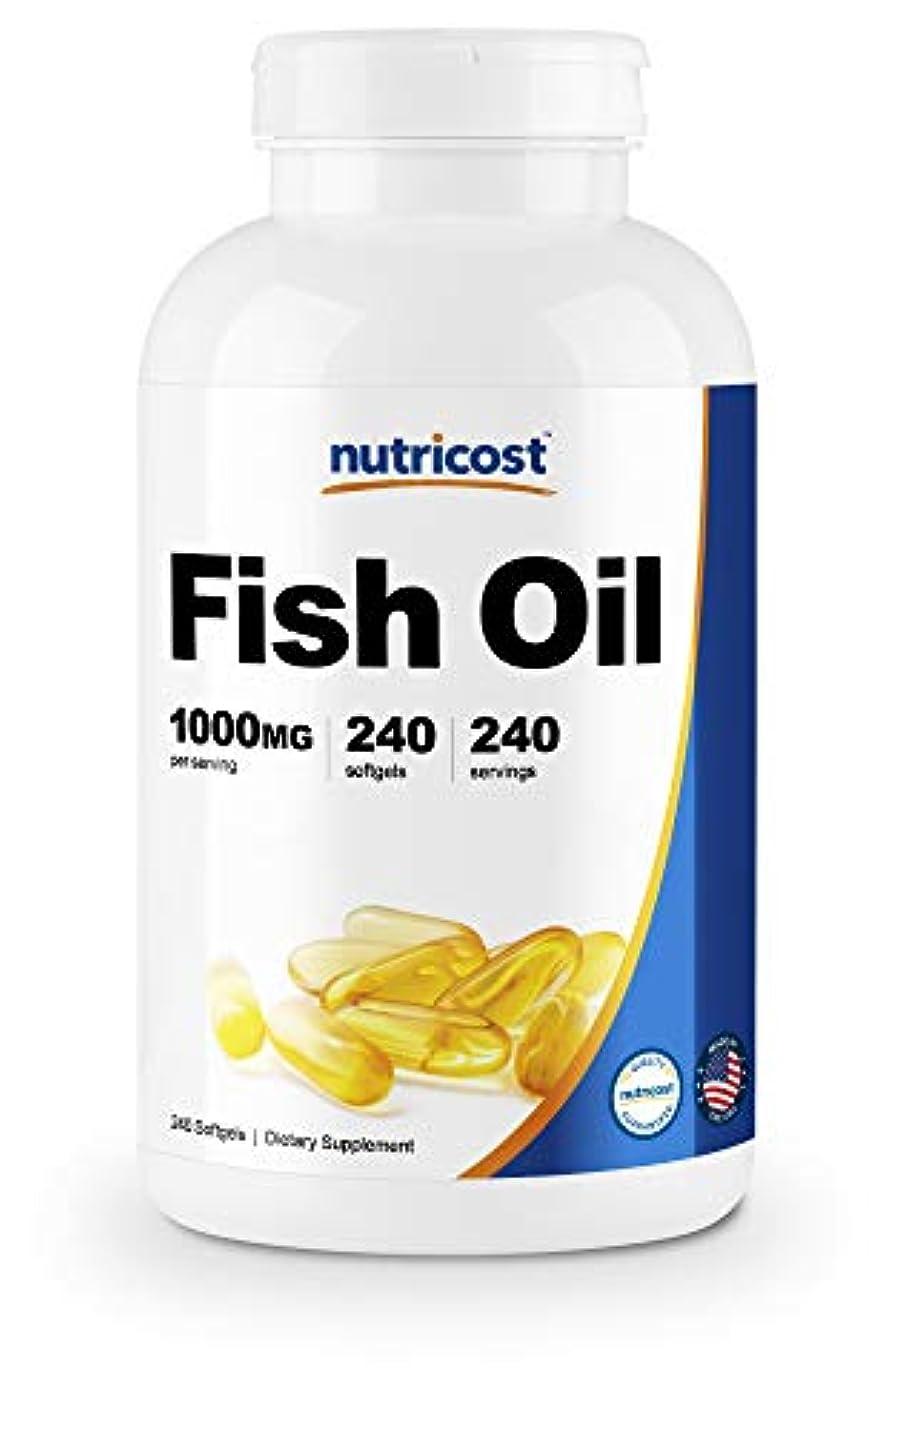 厳密に朝ごはん標準Nutricost 魚油オメガ3 1000mg(オメガ3の600mg)、240ソフトカプセル、非GMO、グルテンフリー